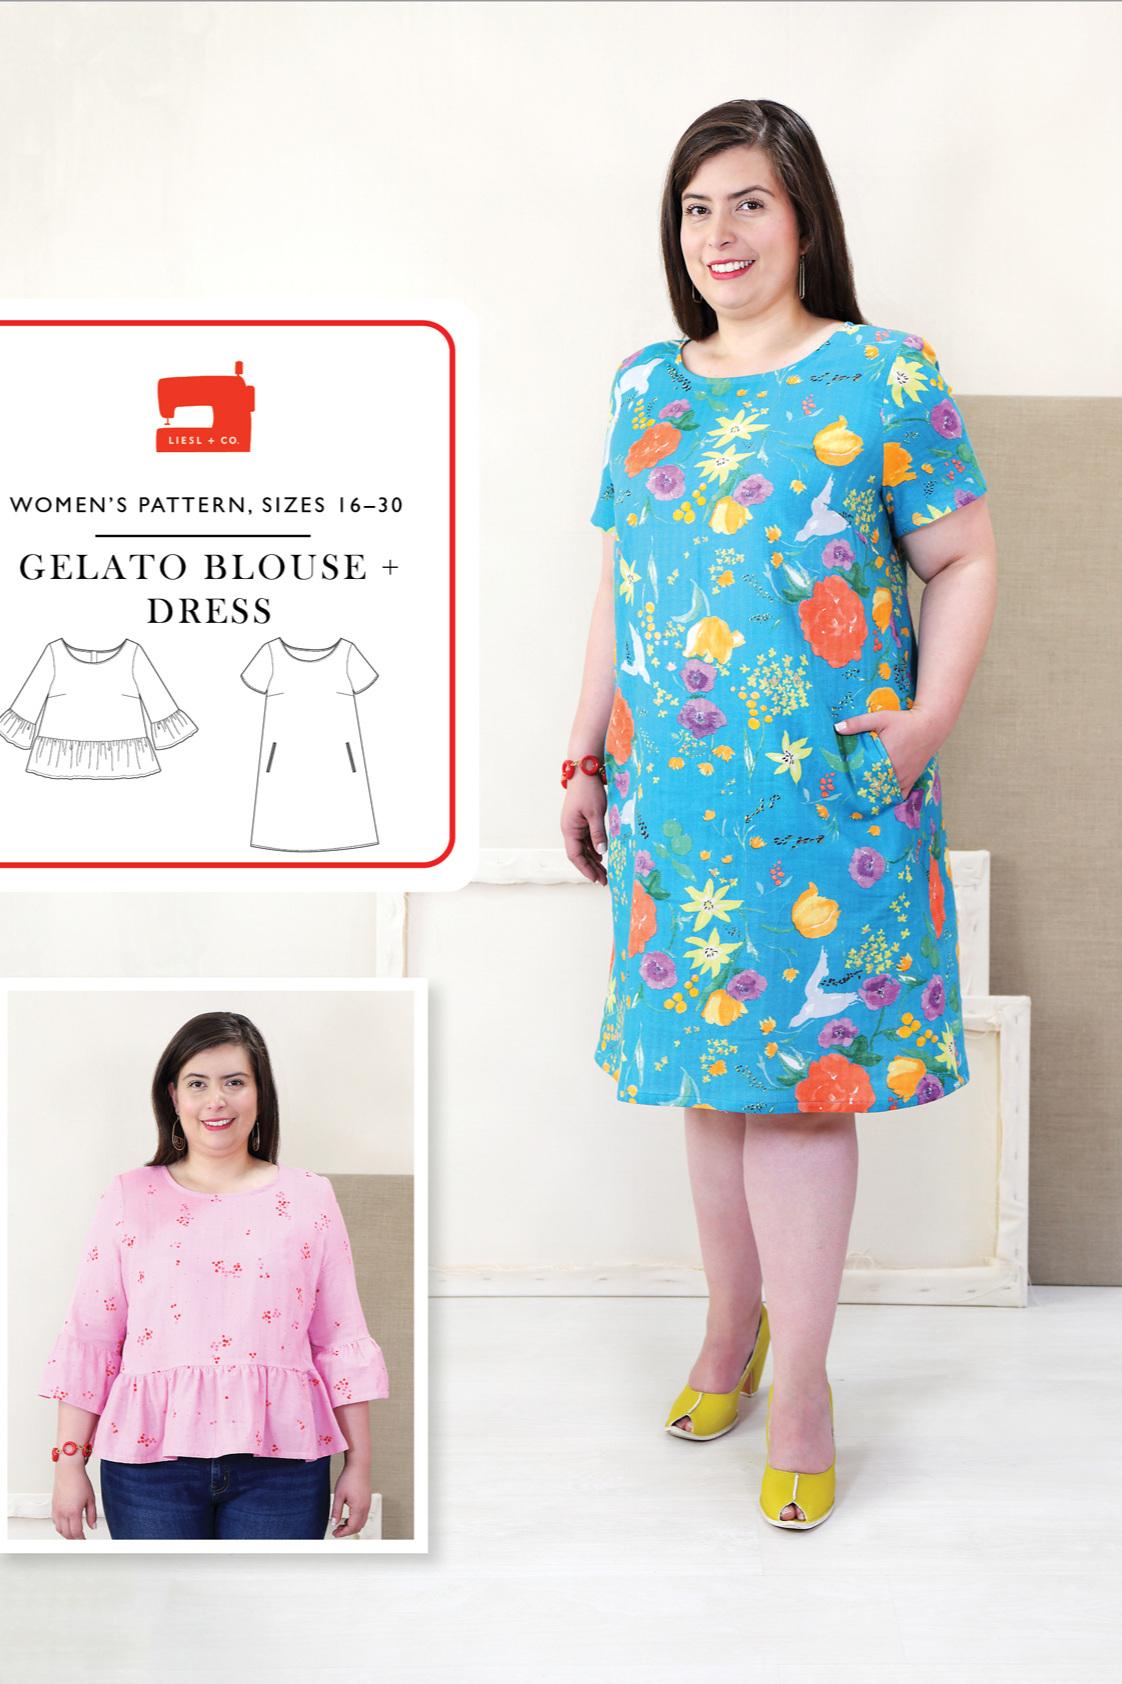 Gelato blouse + Dress sewing pattern (plus size) from Liesl +Co.jpg